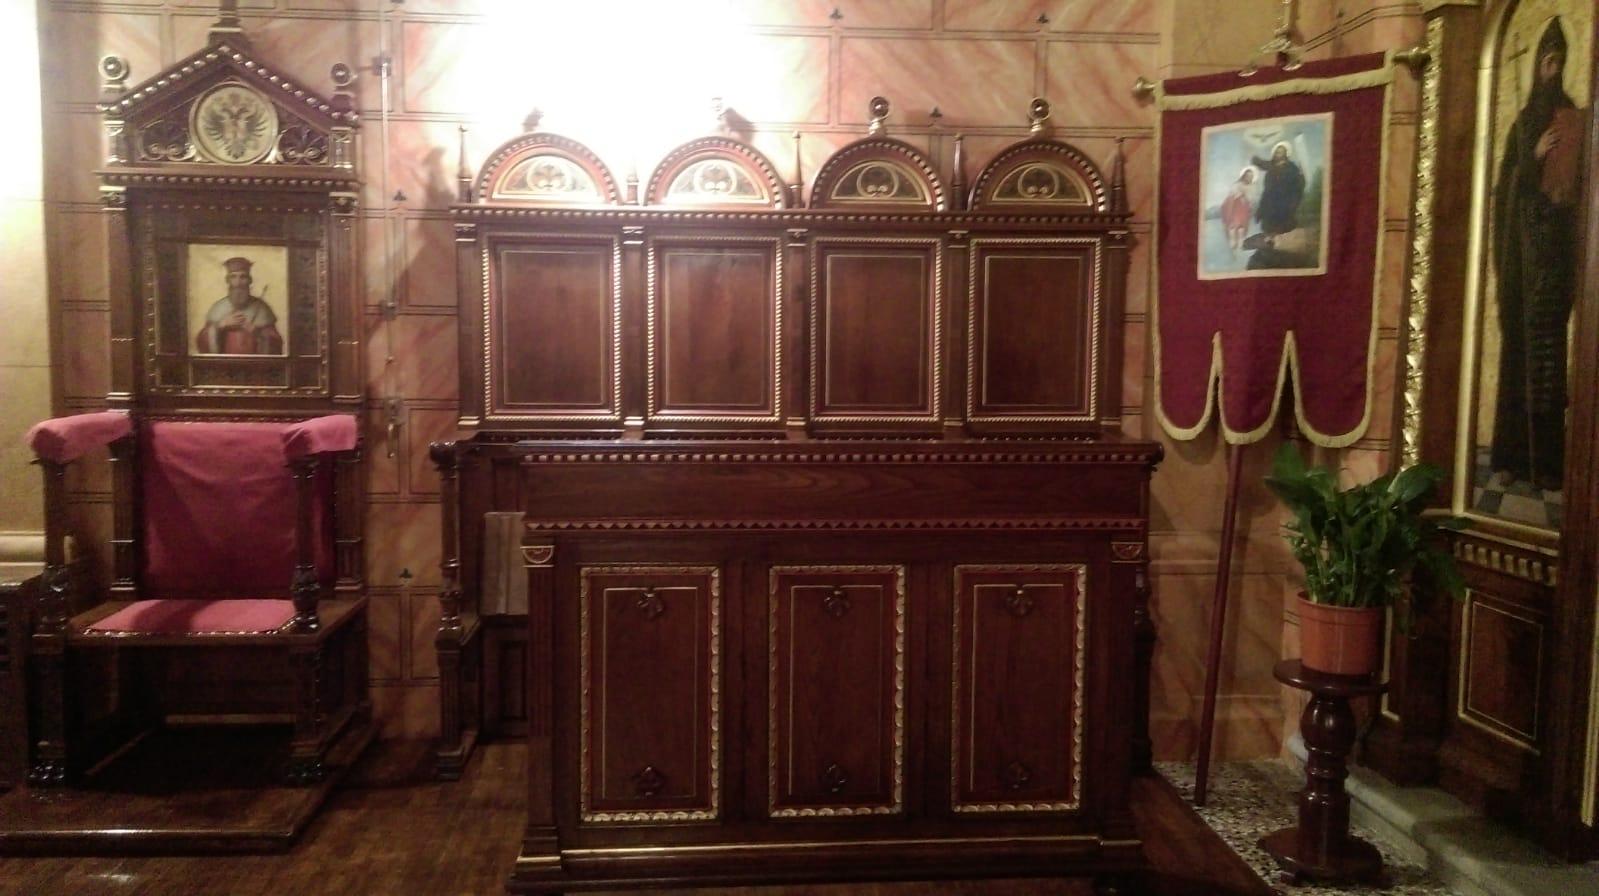 posjet grkokatoličkoj crkvi i sinagogi - 6